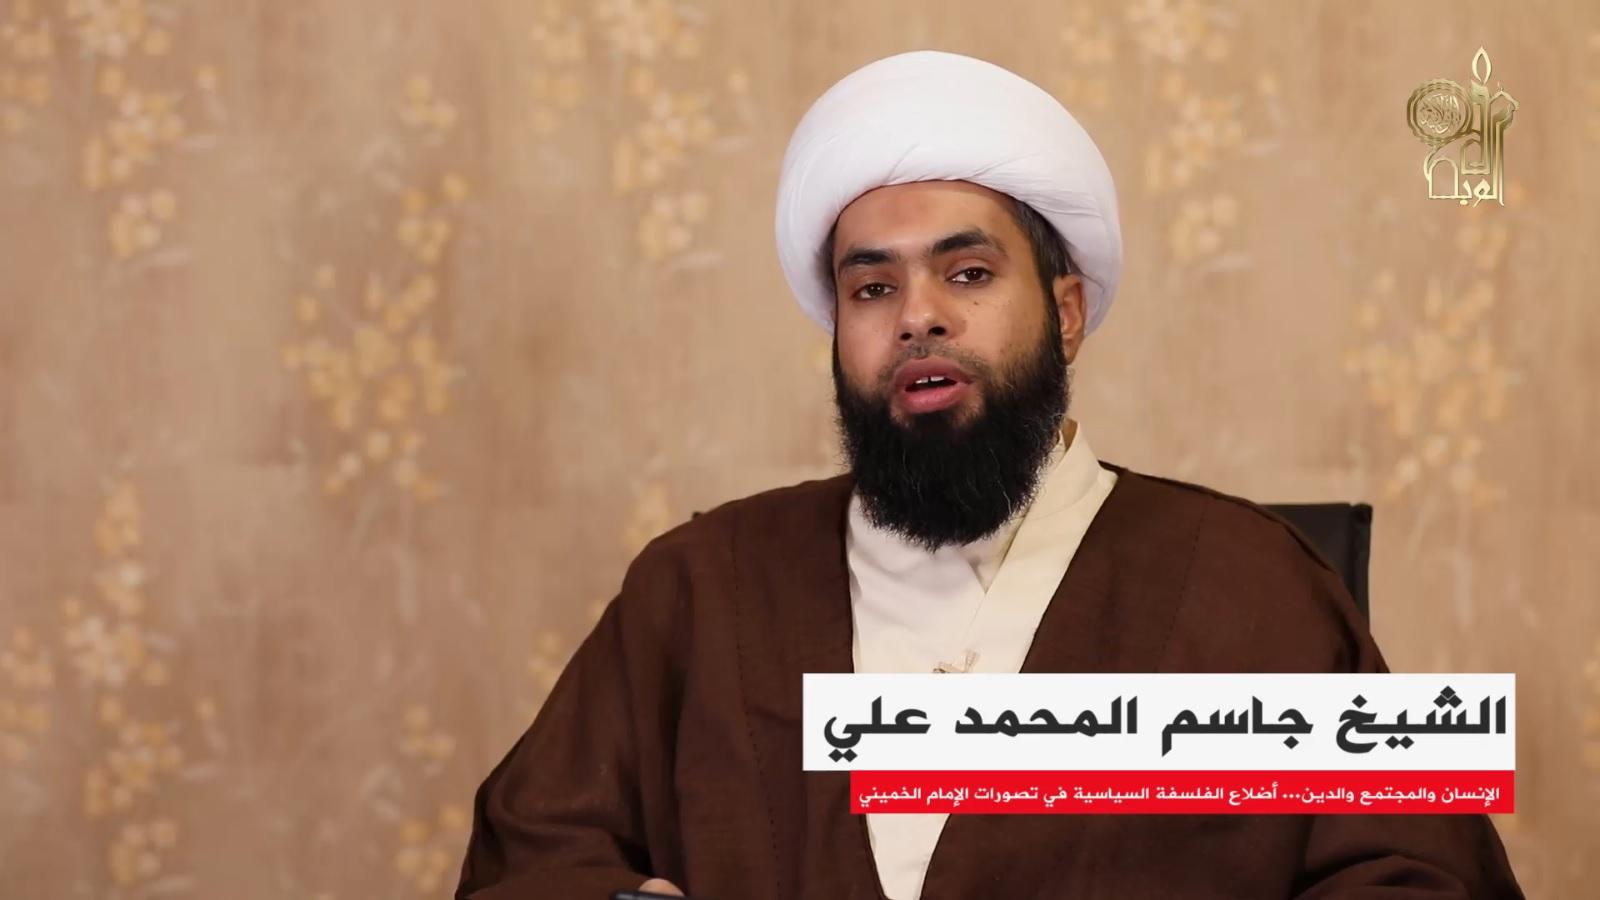 الإنسان والمجتمع والدين أضلاع الفلسفة السياسية في تصورات الإمام الخميني (ره)